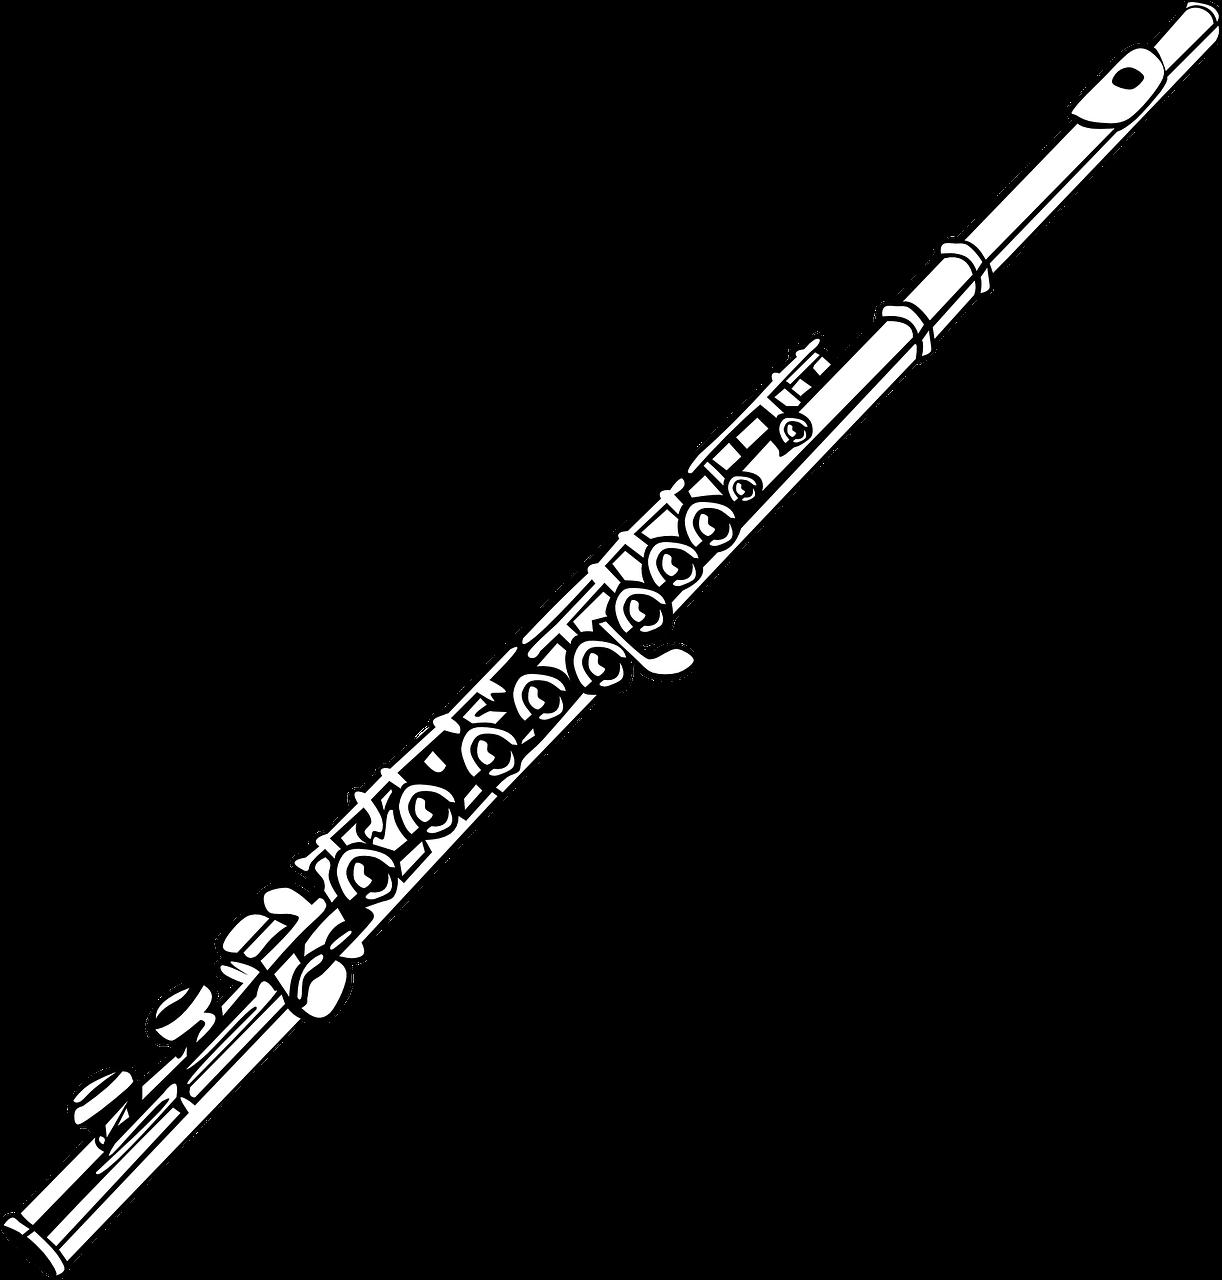 Fløyte Musikal Instrument - Gratis vektorgrafikk på Pixabay